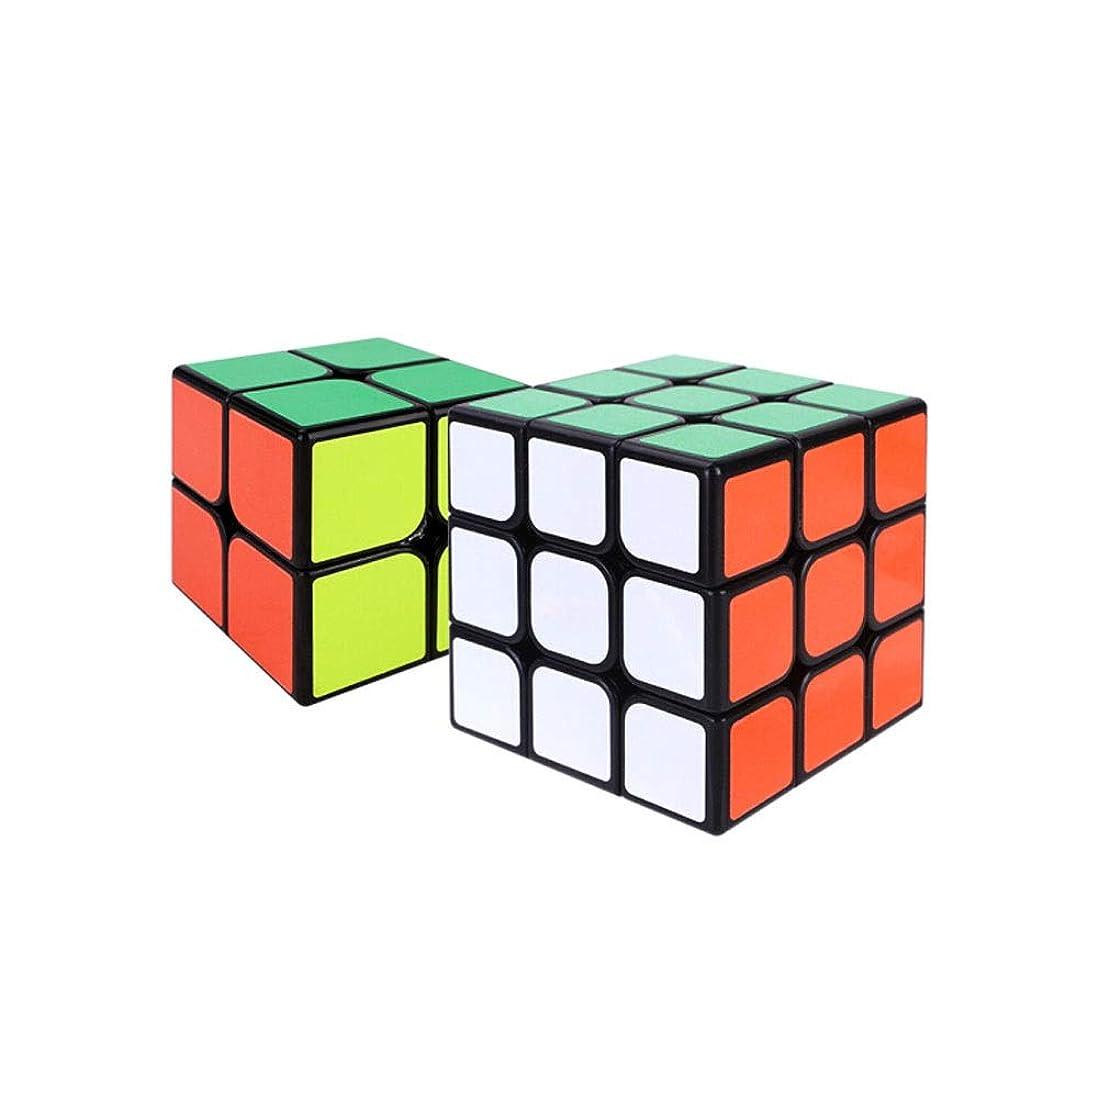 丘泥沼ドローChenjinxiang01 ルービックキューブ、高品質ABS素材で作られたルービックキューブ、使いやすい、プロフェッショナル向けルービックキューブとして使用可能(2次3次2パック) 健康および環境保護 (Edition : Third-order anad Fourth-order)